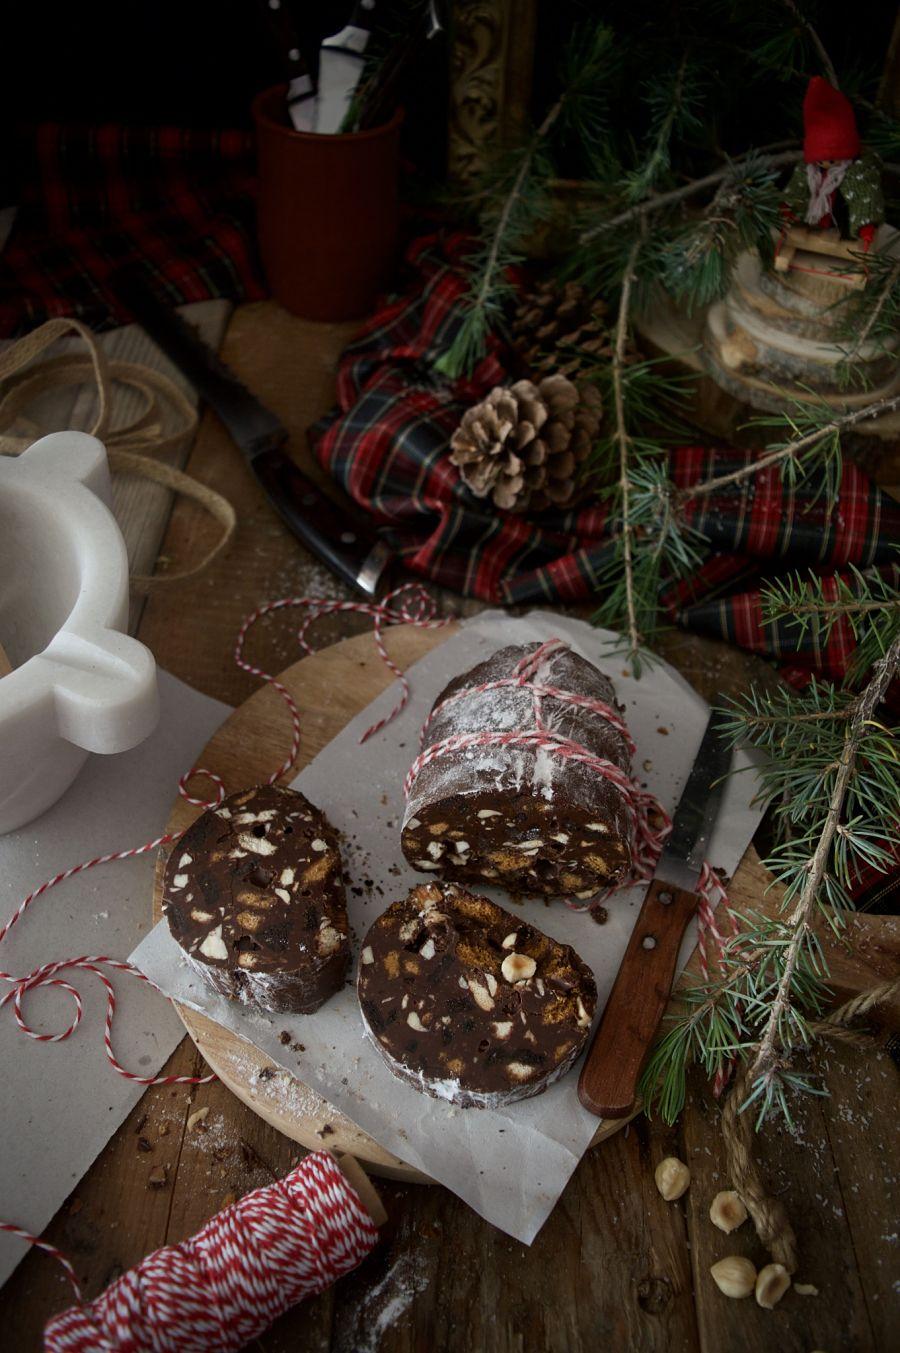 salami-de-chocolate-galletas-y-frutos-secos-para-navidad